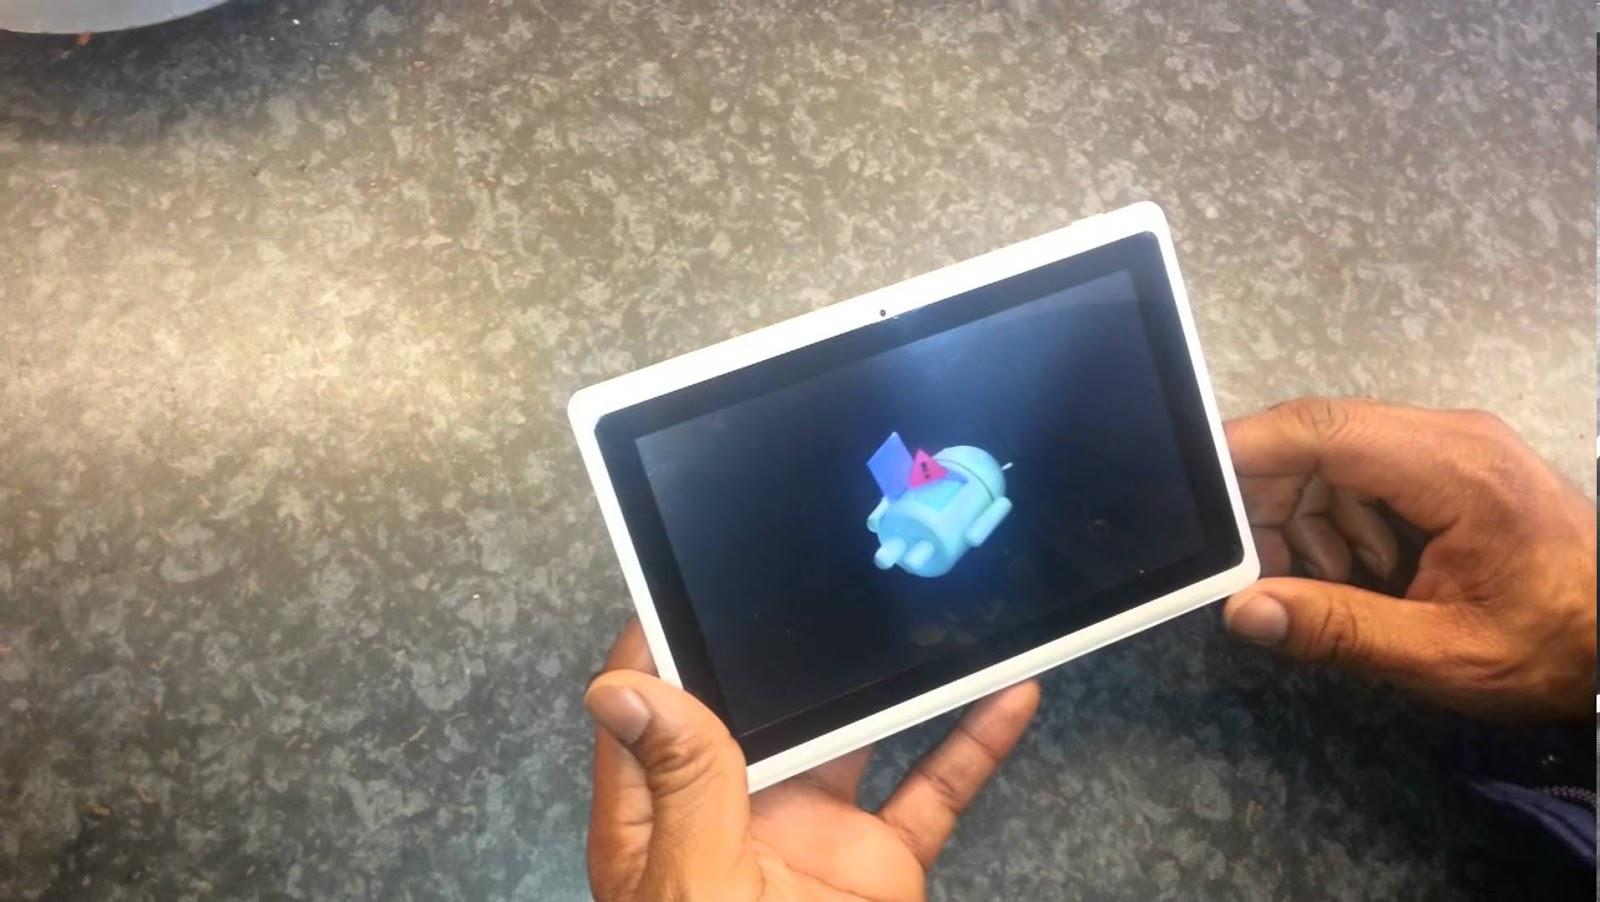 Sahabat cellular: cara mengatasi lupa pola pada tablet merk cina